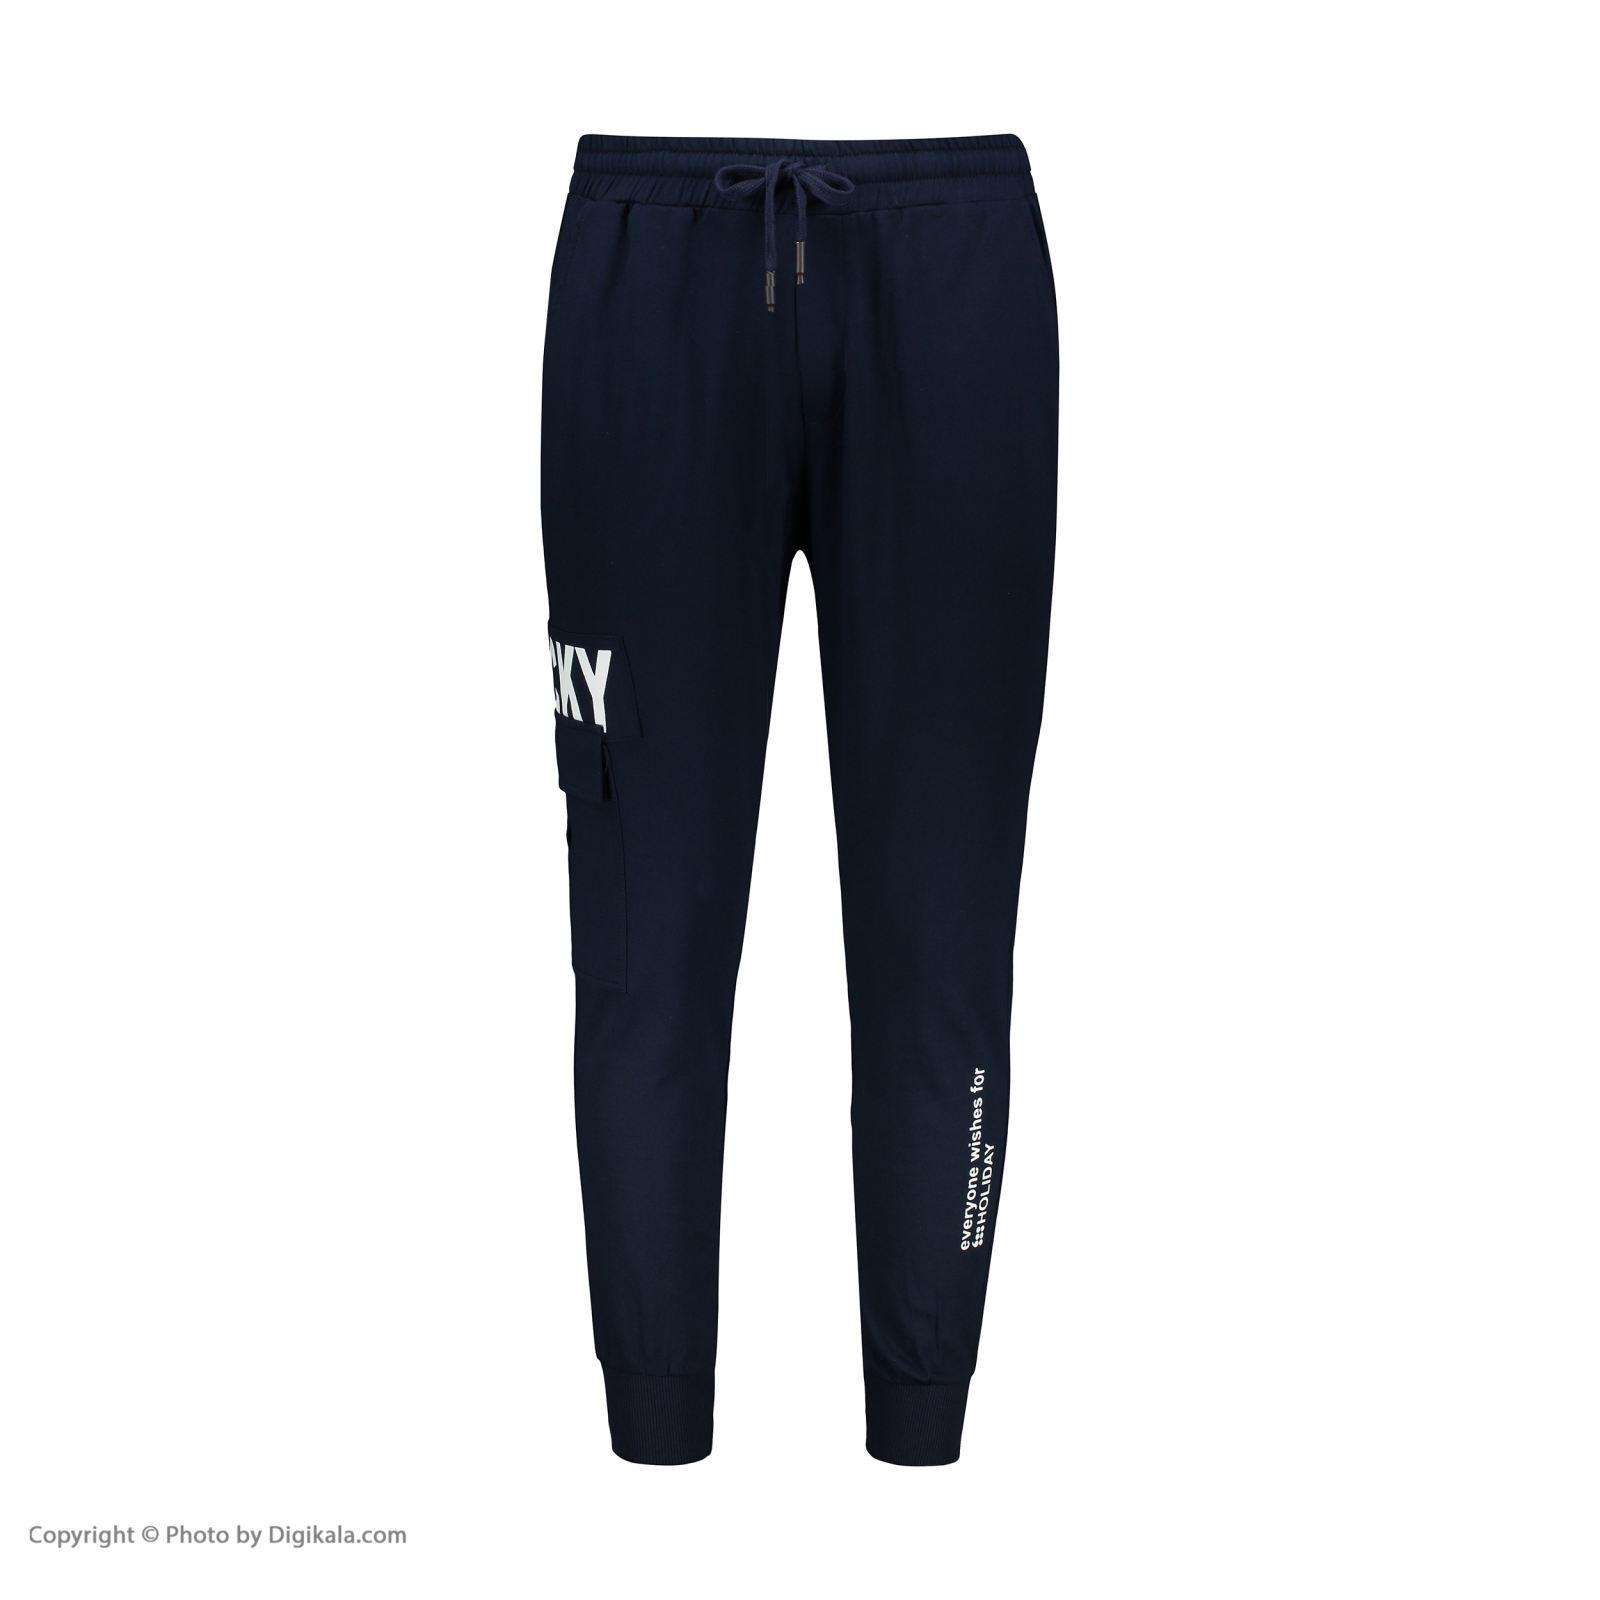 تصویر شلوار ورزشی مردانه هالیدی مدل 853609-NAVY BLUE